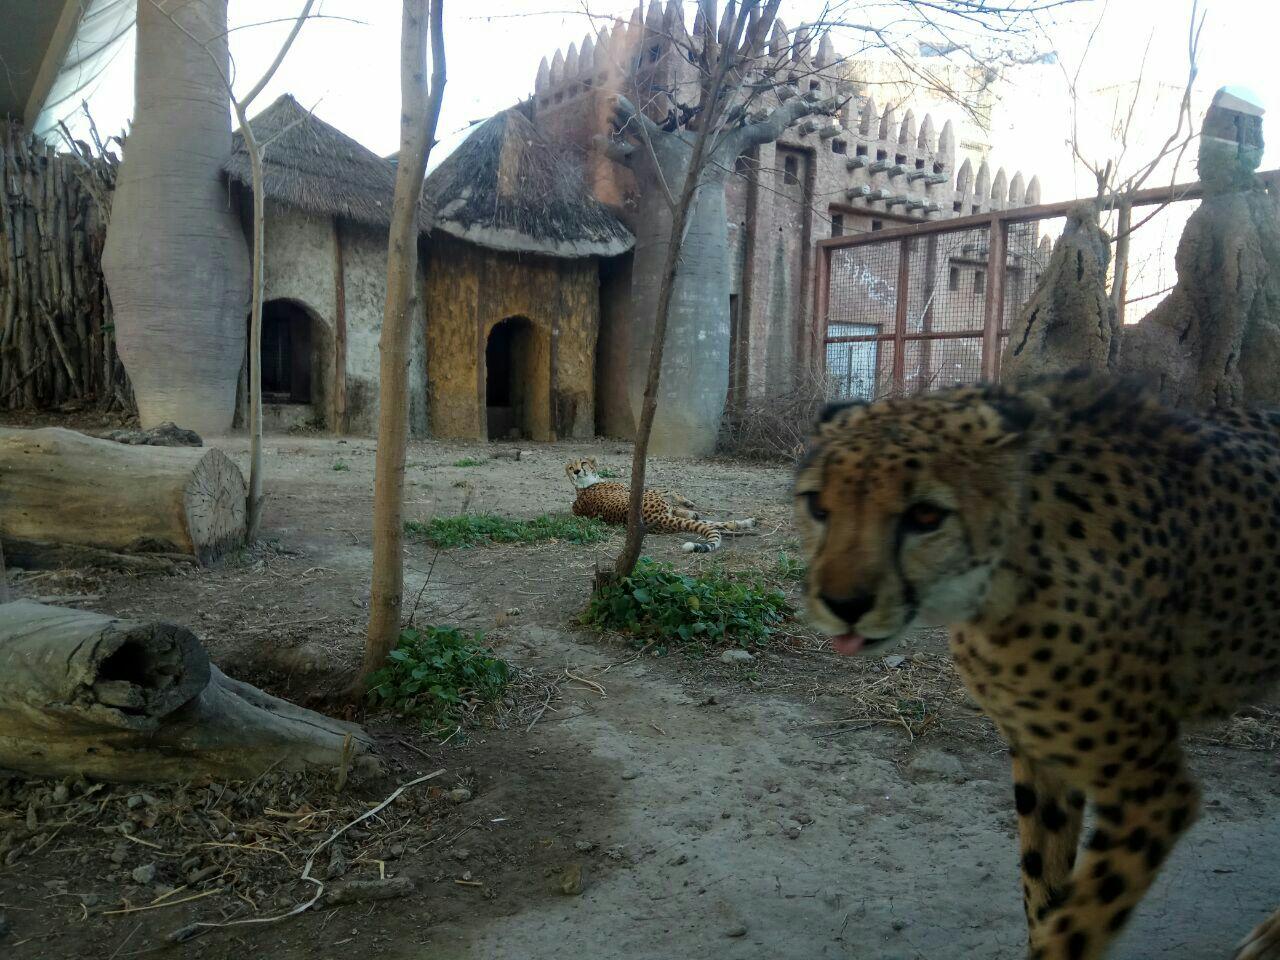 园子里动物很多,种类齐全.位于西直门外,市区繁华地段.